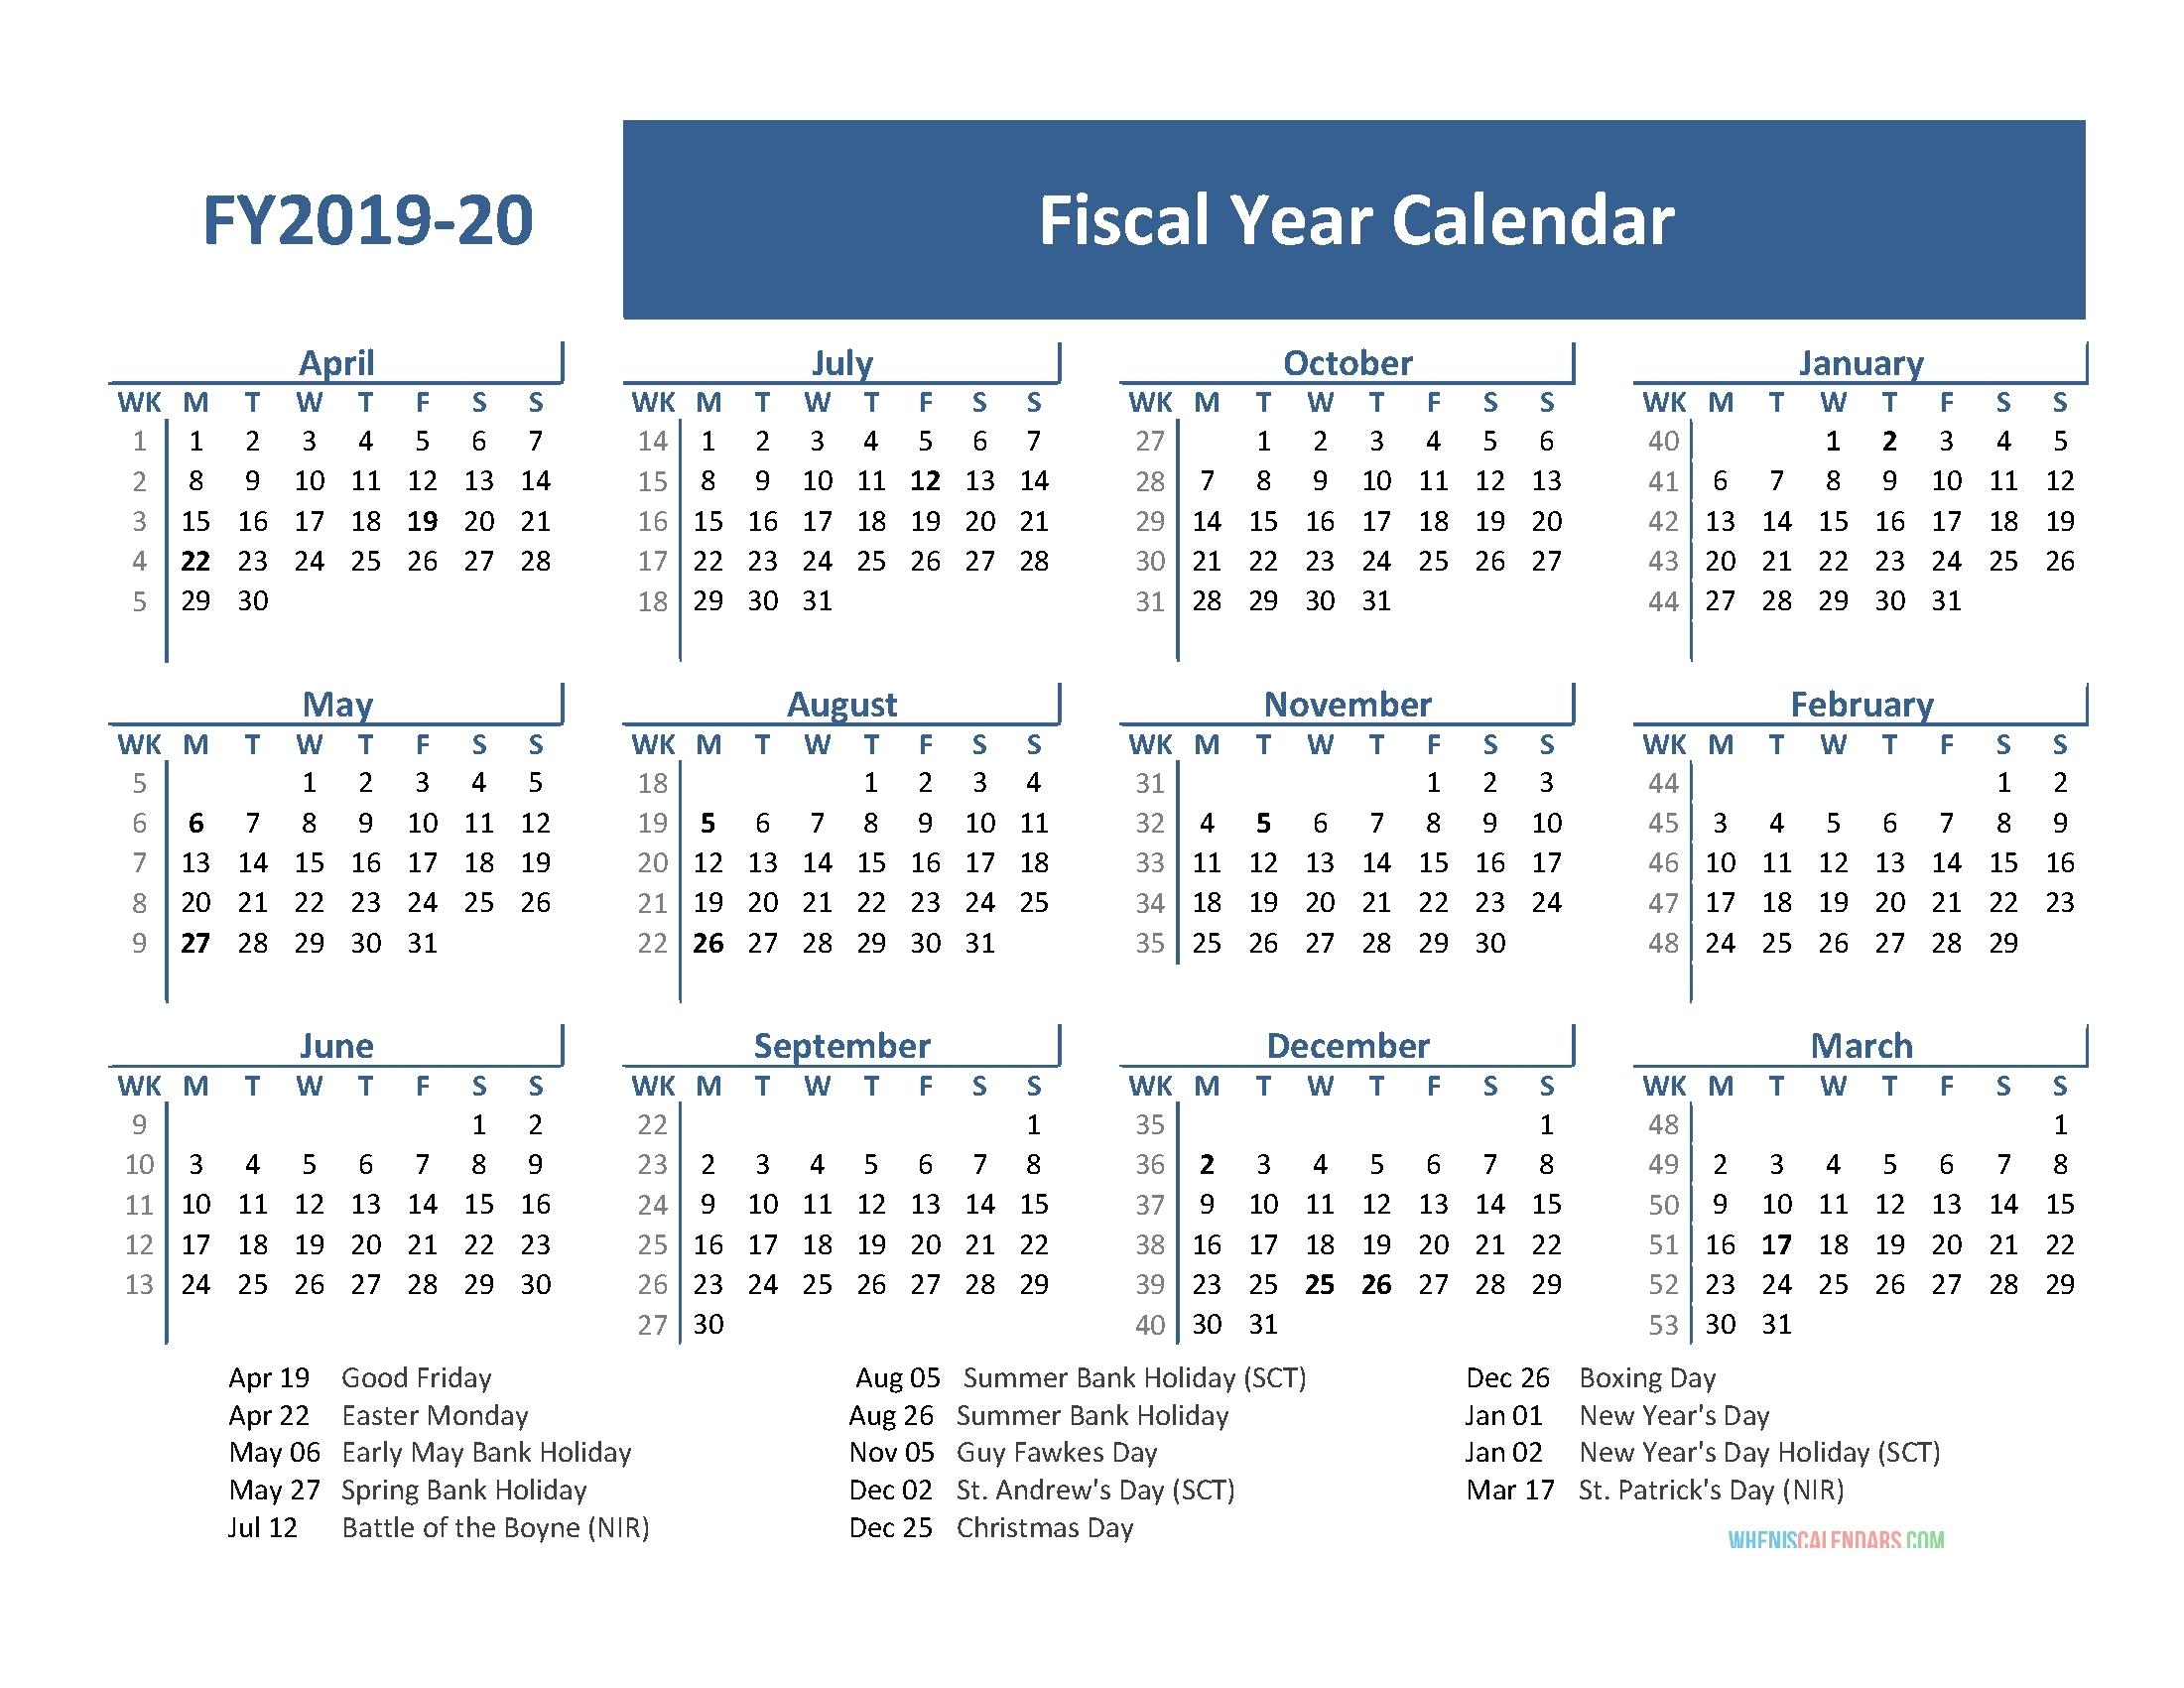 2019-2020 Calendar Financial Week Numbers - Calendar in Fiscal Calander 2020 Week Numbers